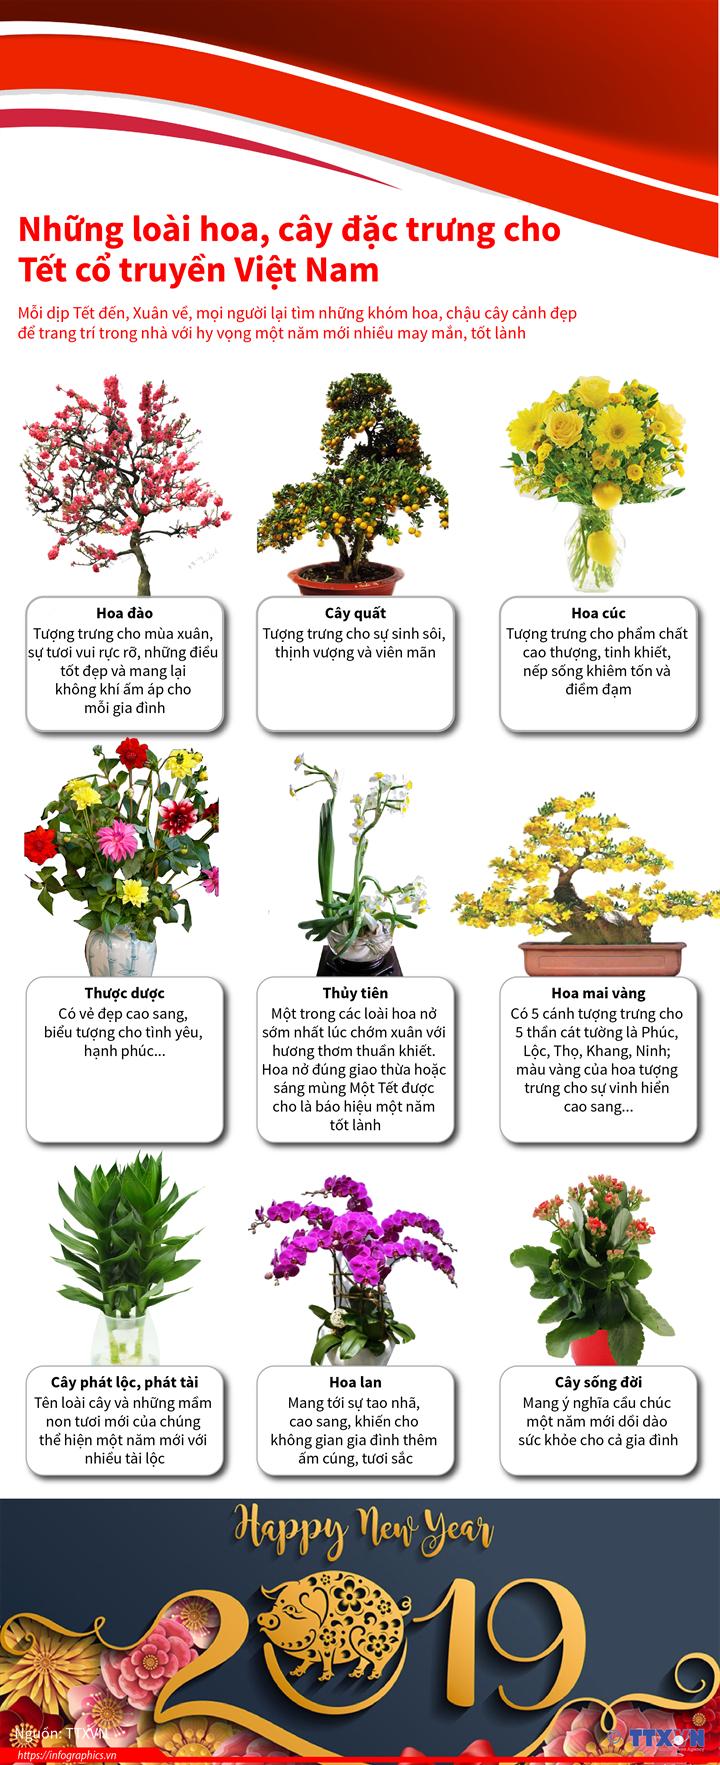 Những loài hoa, cây đặc trưng cho Tết cổ truyền Việt Nam